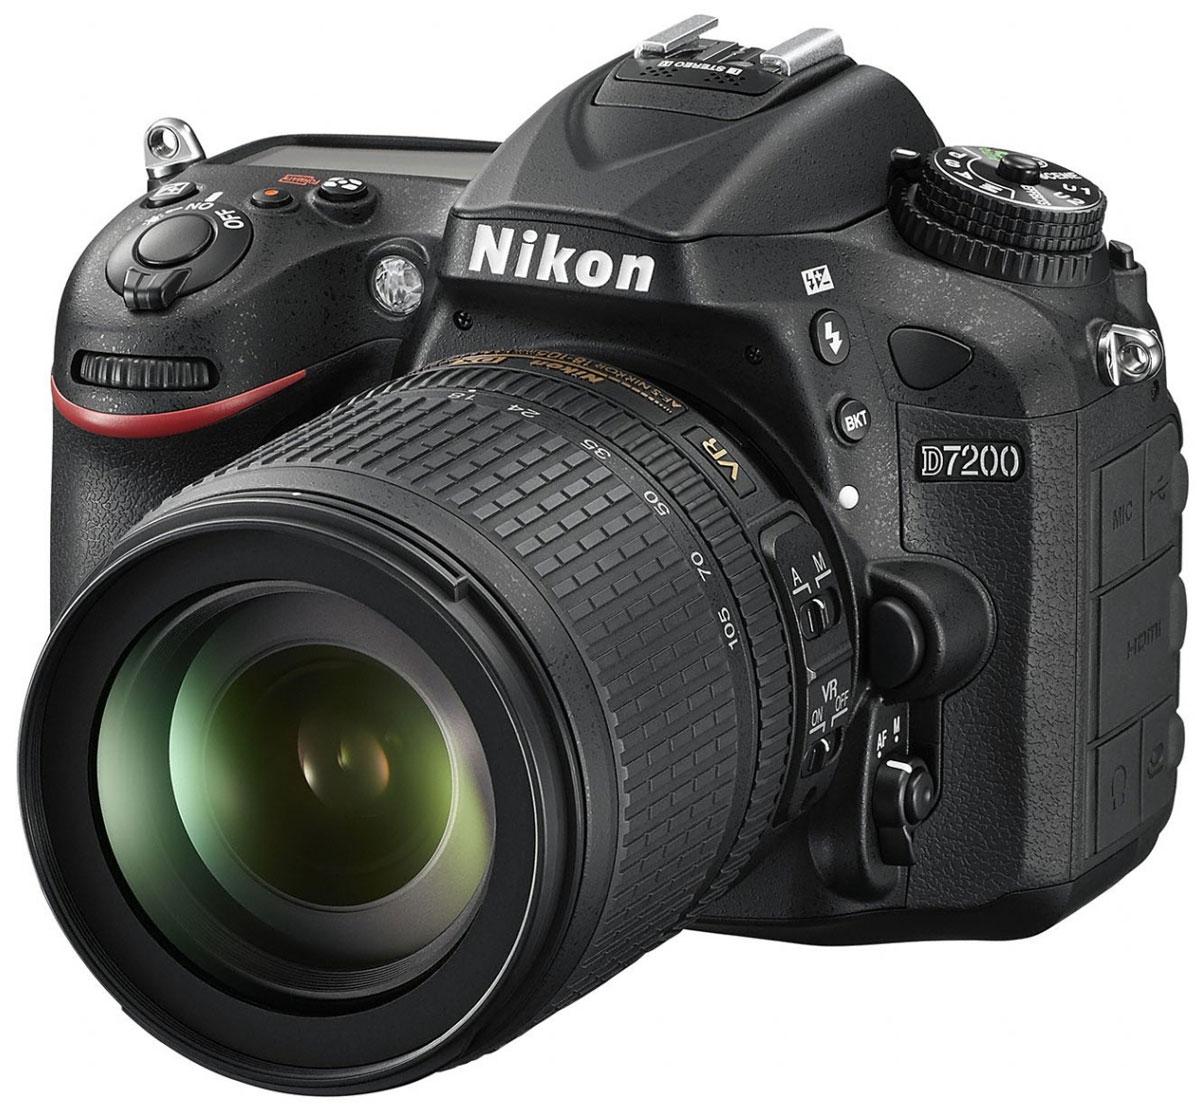 лучшая цена Nikon D7200 Kit 18-105 VR, Black цифровая зеркальная фотокамера